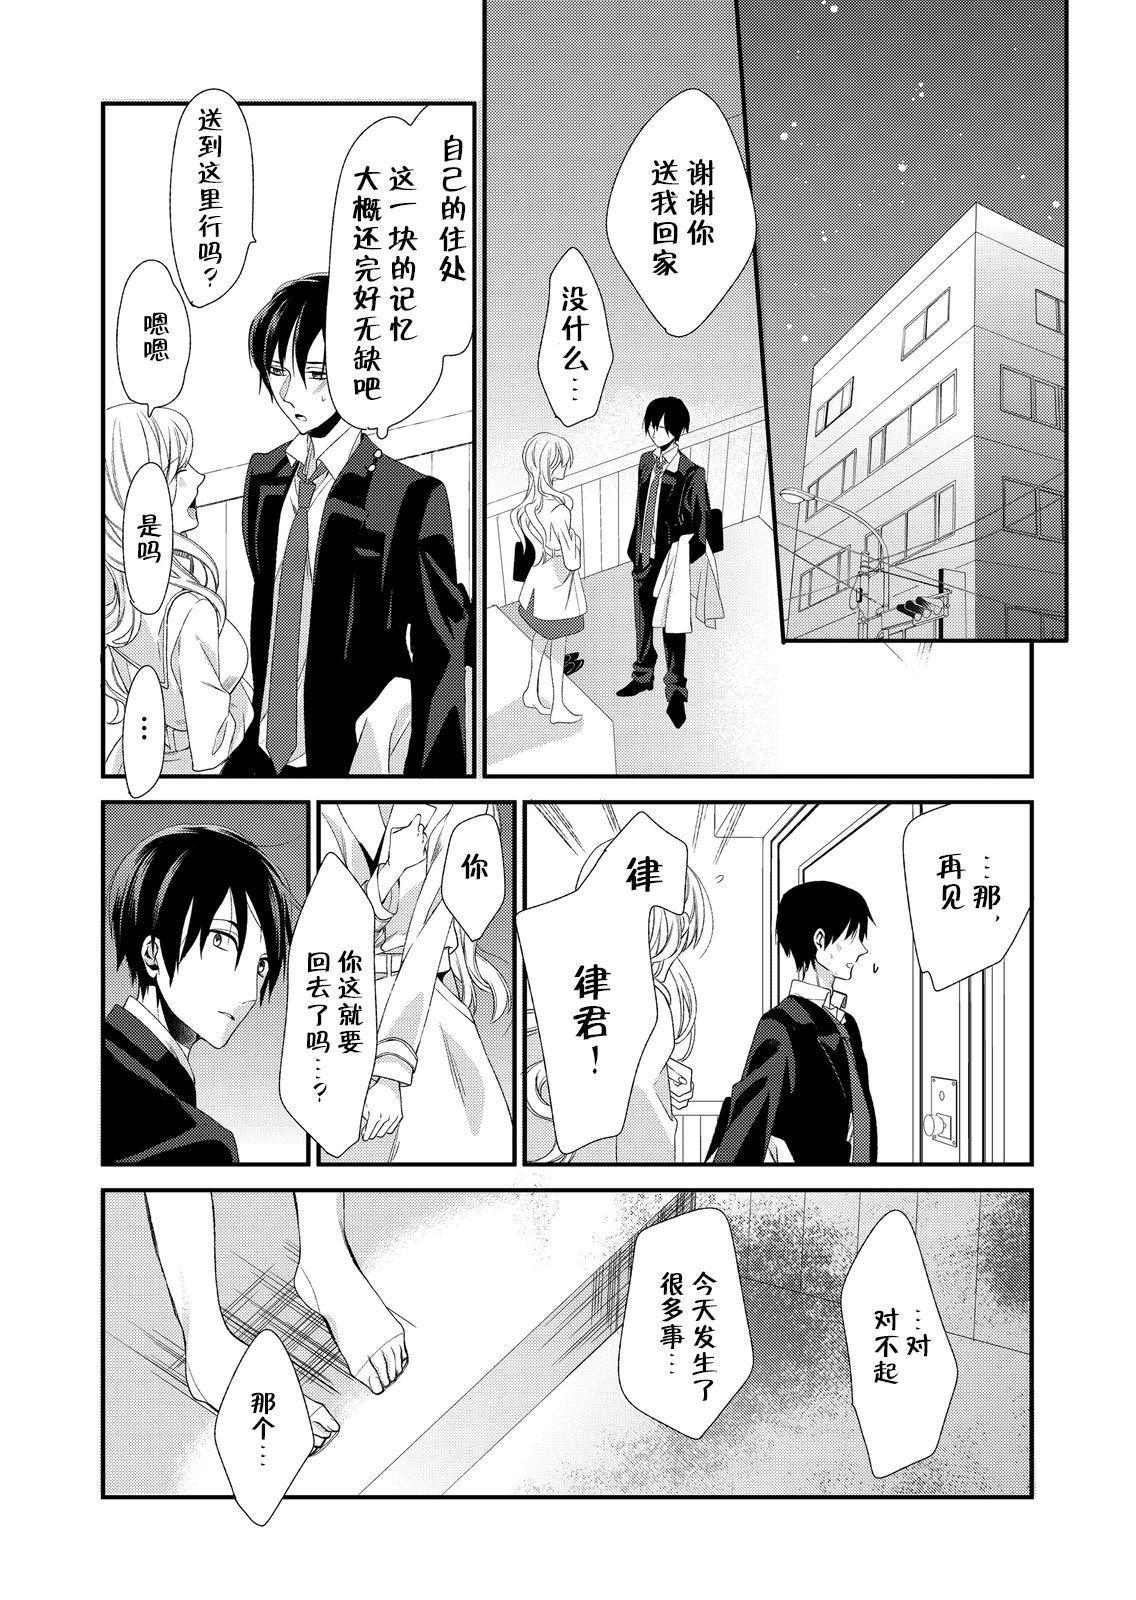 Kioku Sousitsu!? Watashi no Kareshi ha Docchi? Karada de Tameshite・・・ | 失忆!?我的男朋友到底是谁?用身体来确认…Ch. 1-2 20